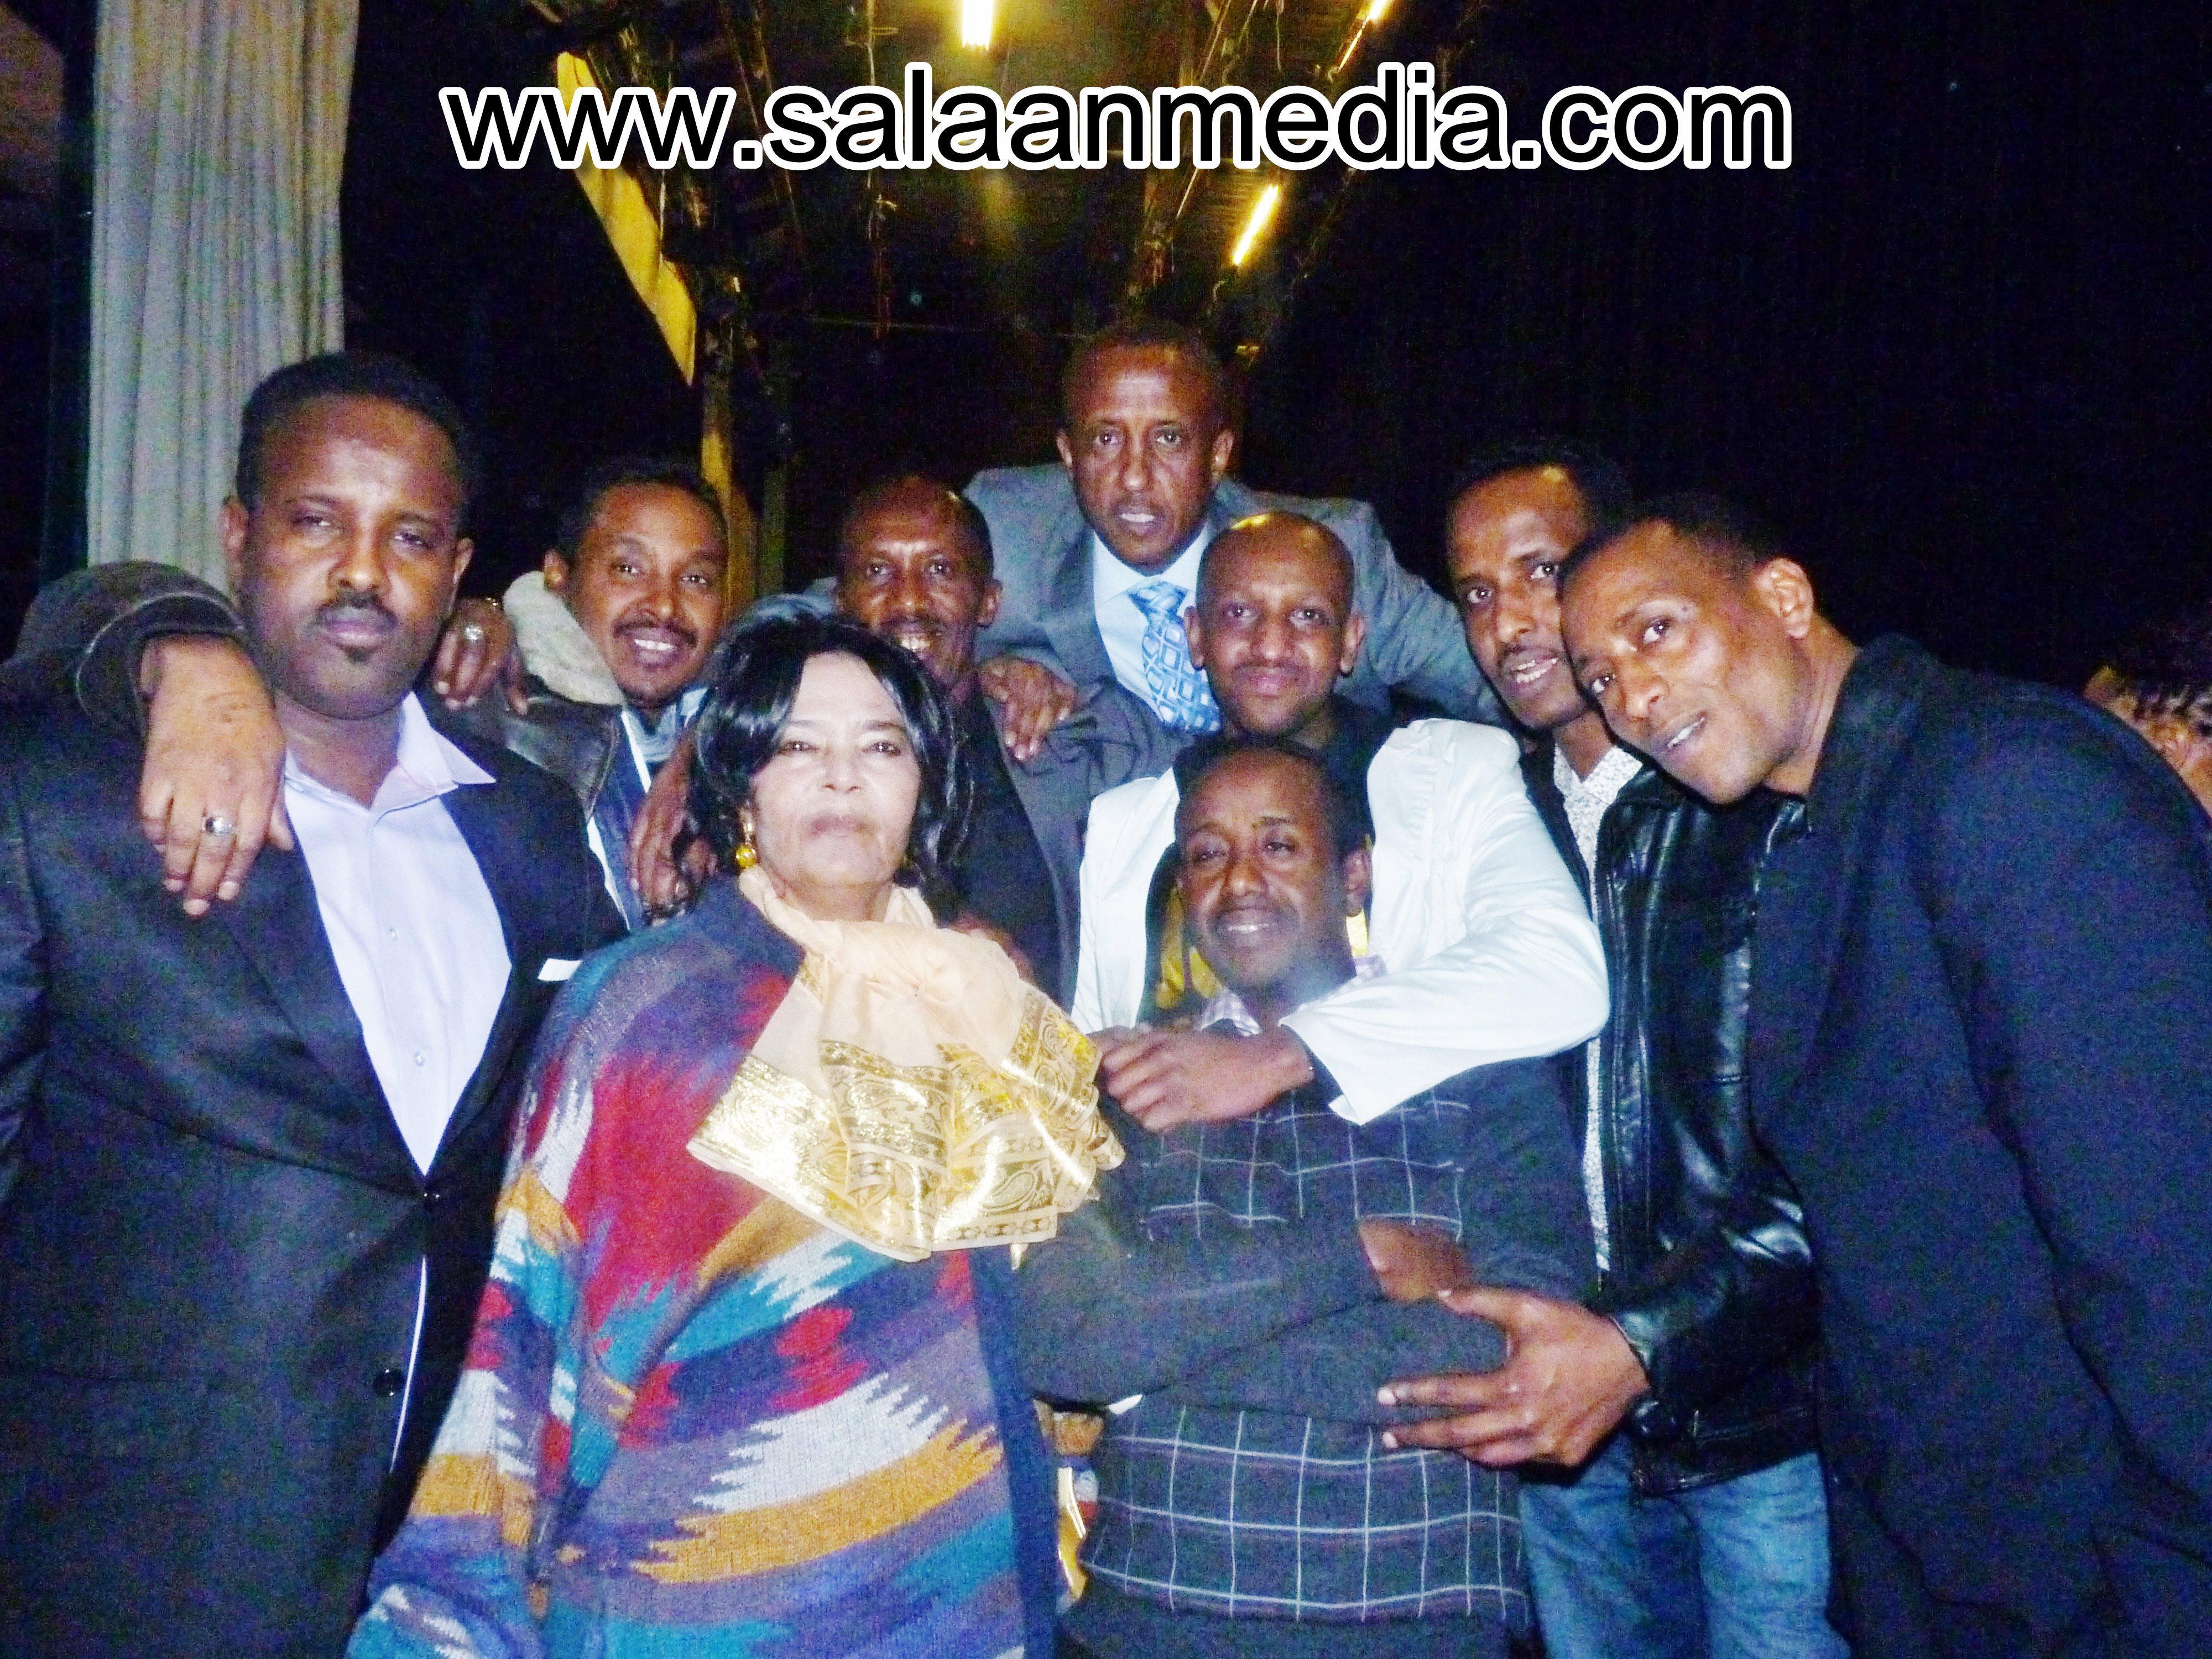 Salaan media_001